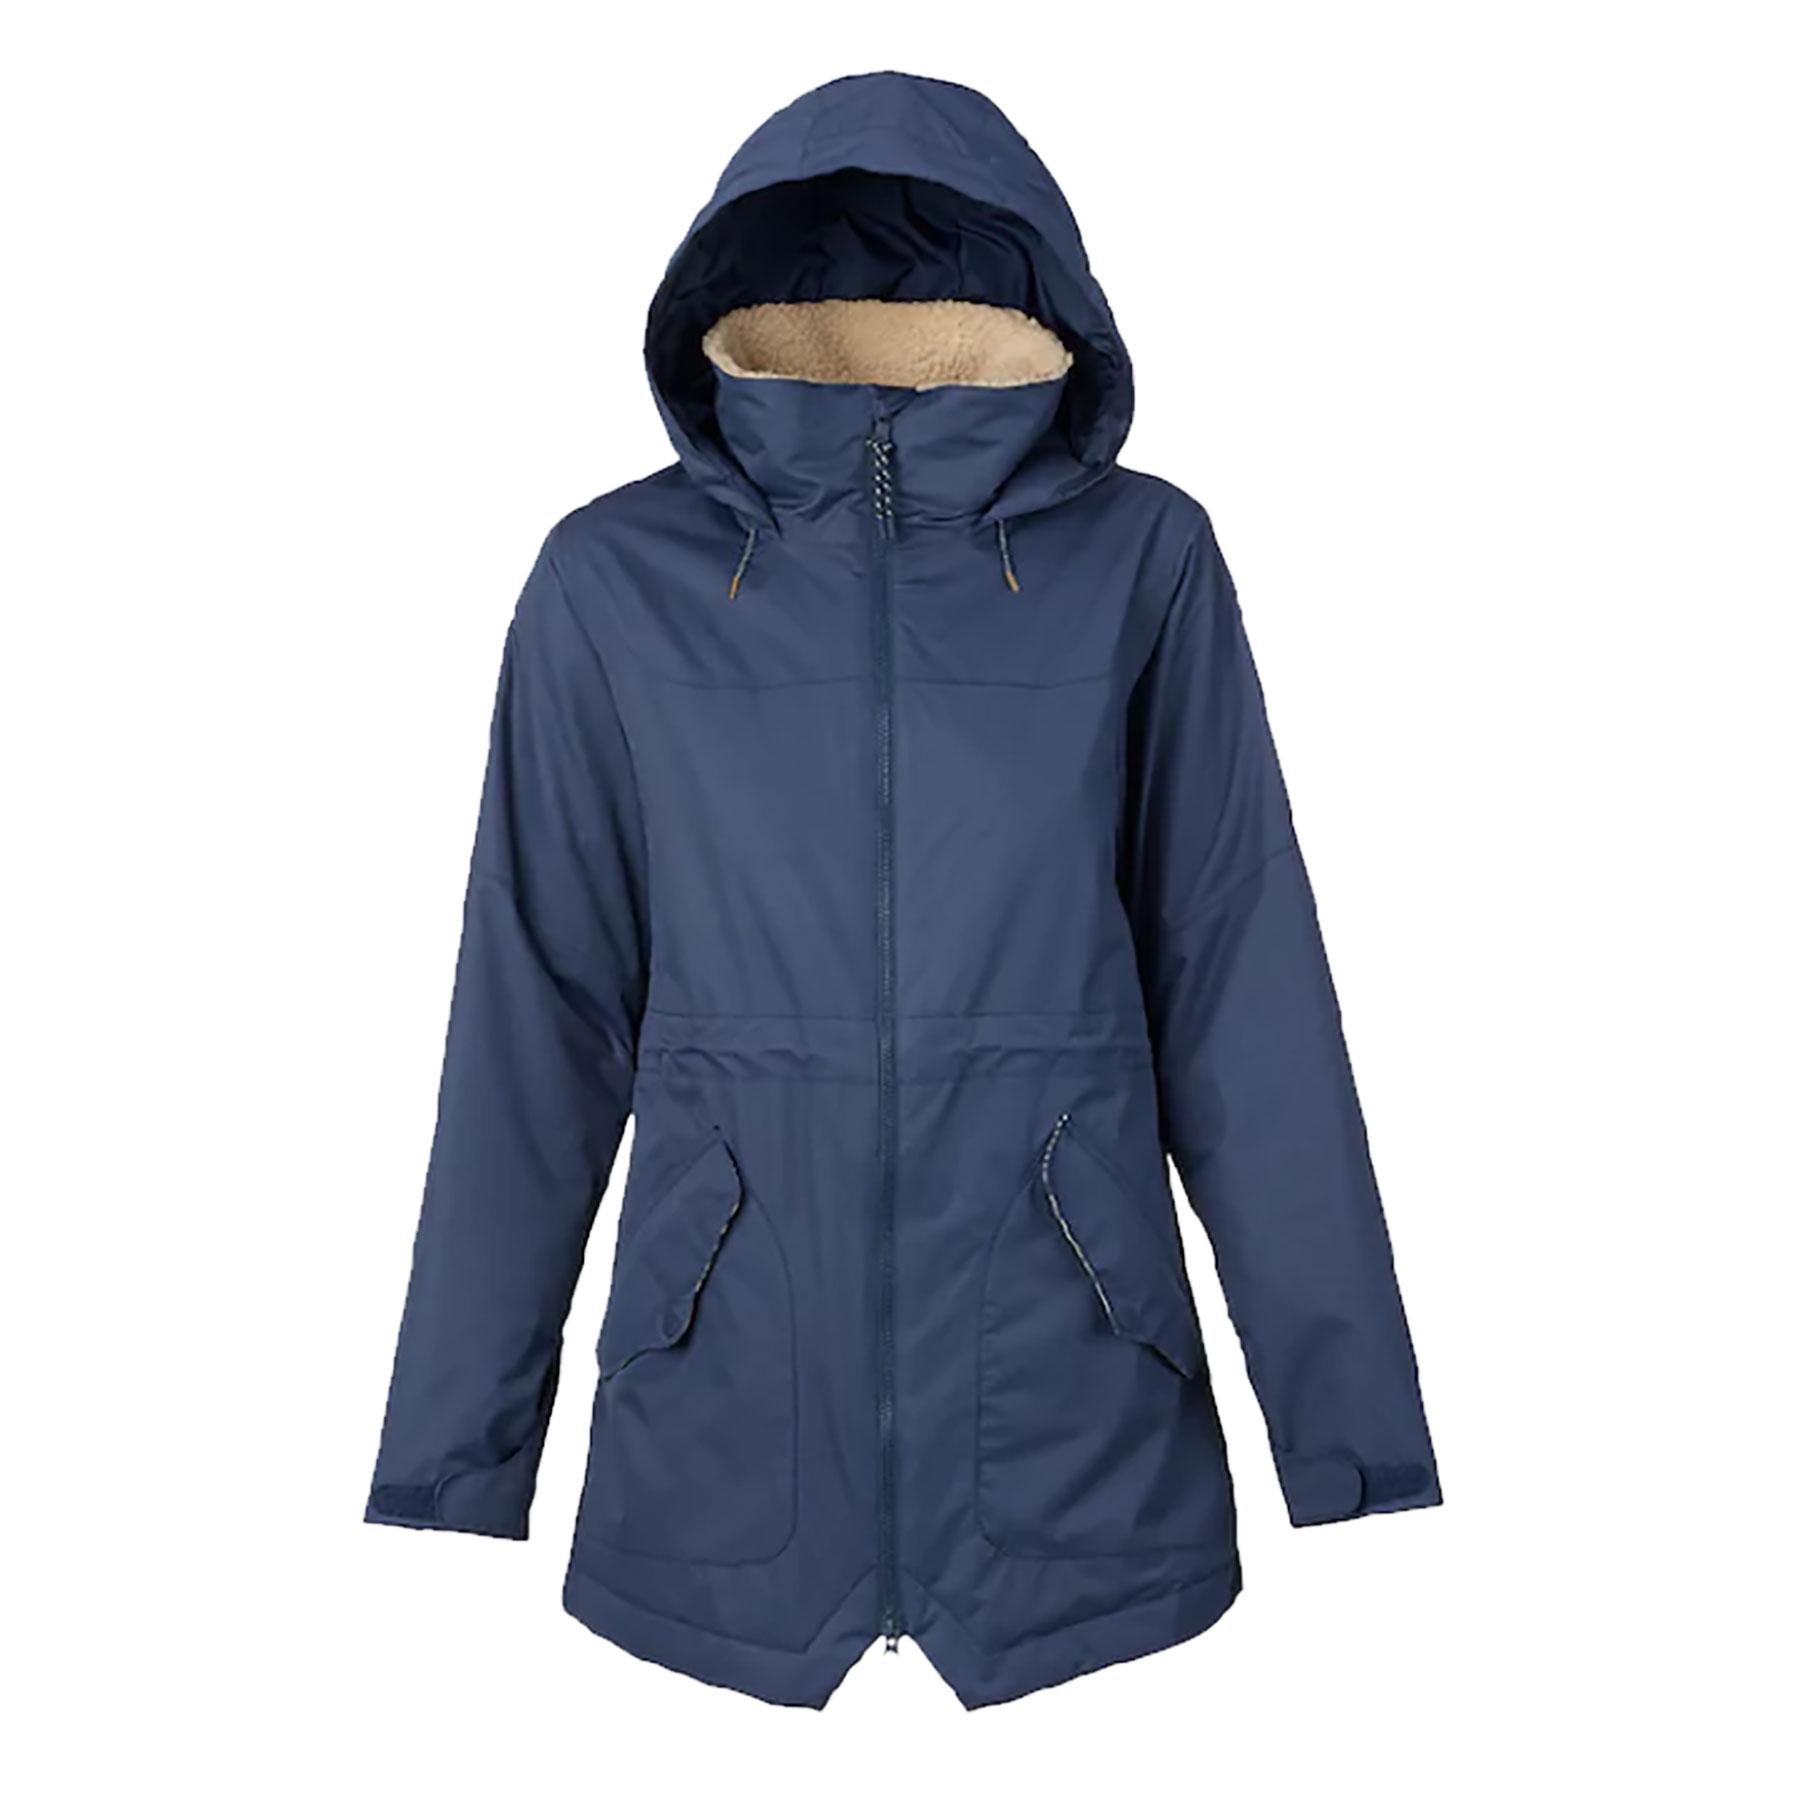 Prezzi Burton giacca prowess donna